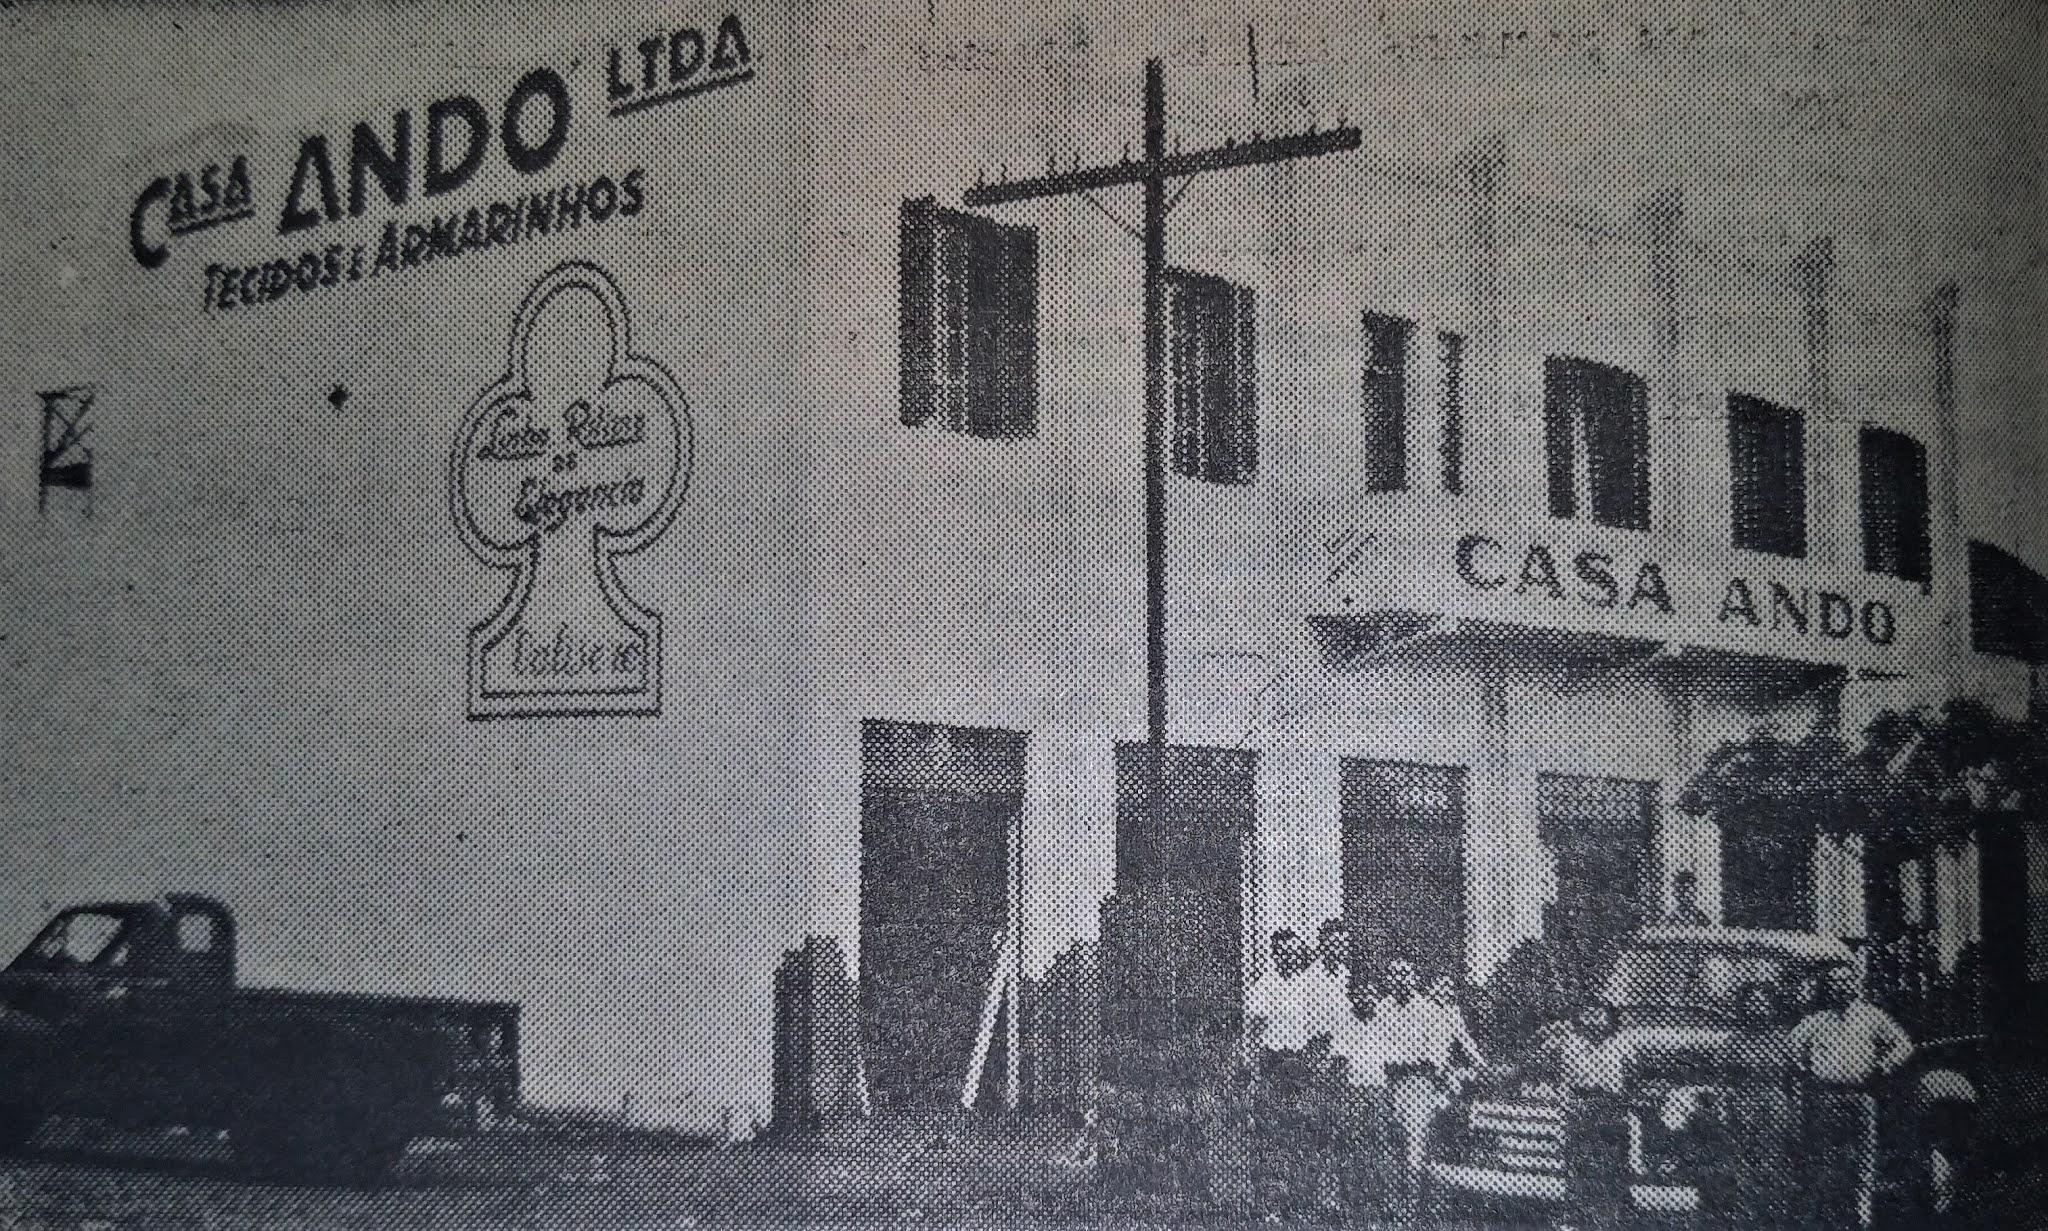 Casa Andó - Década de 1960 (melhor resolução)